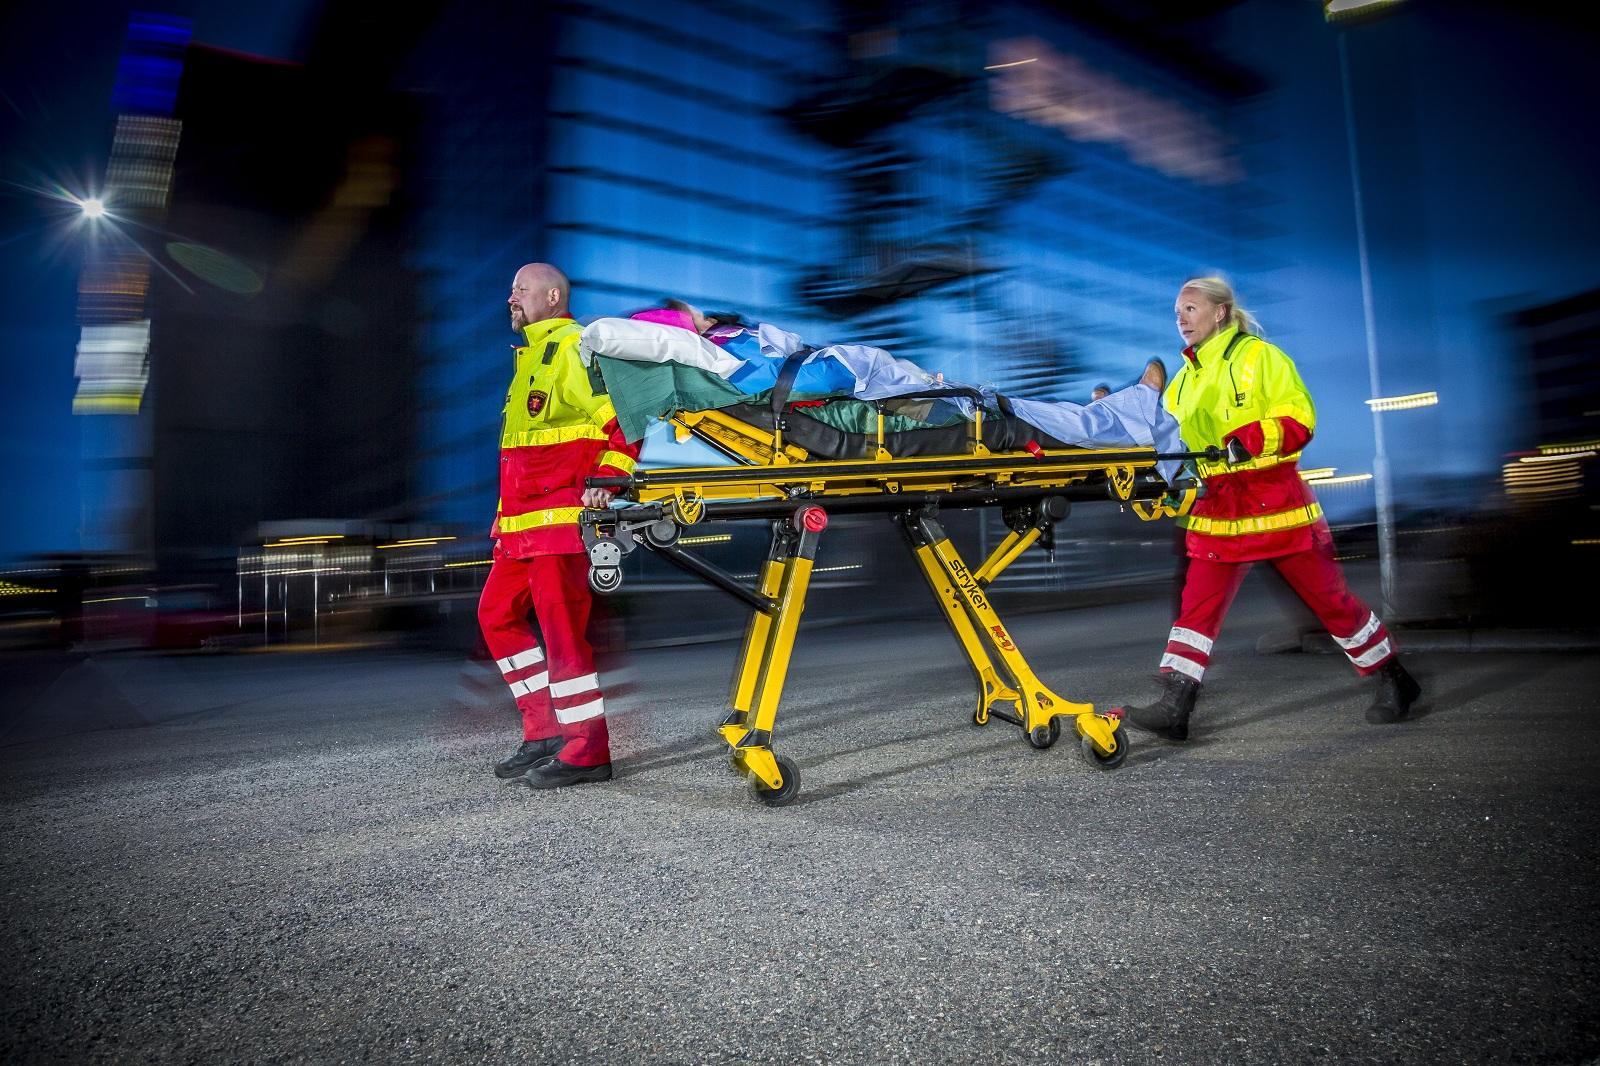 Kuva: Esko Keski-Oja / Varsinais-Suomen pelastuslaitos